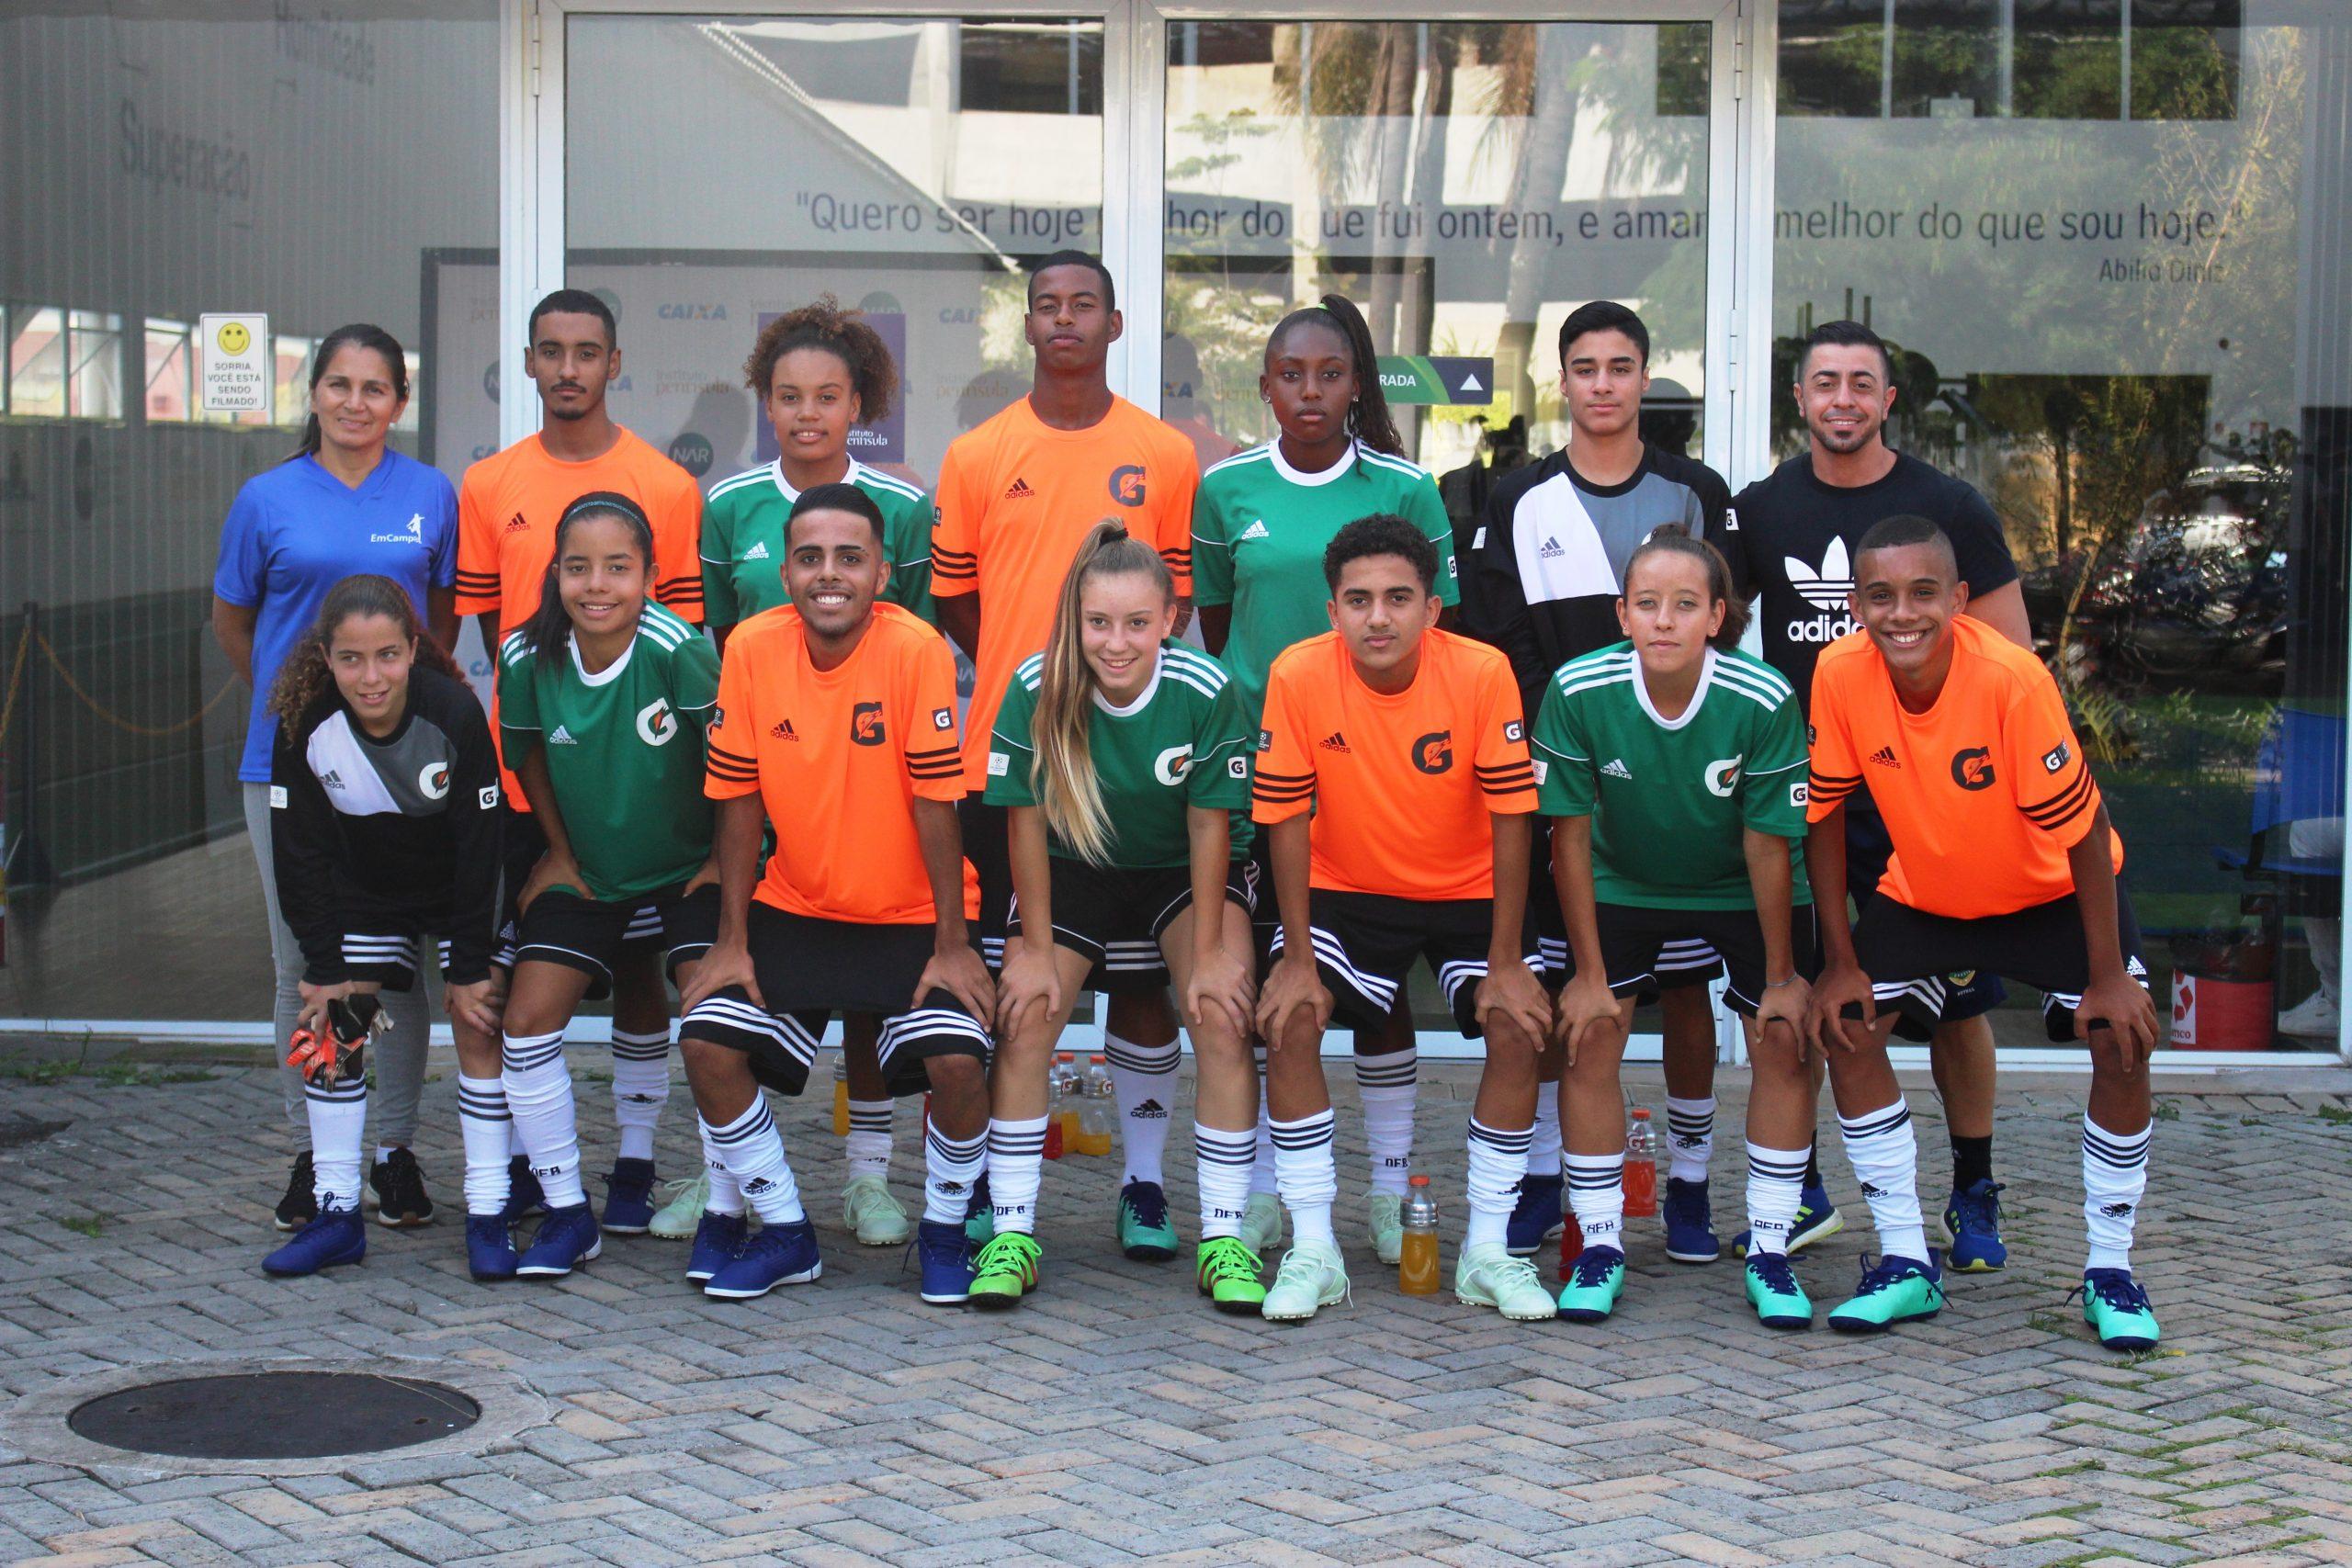 Pelo segundo ano consecutivo e desta vez com equipe feminina, vencedores do Campeonato de Futebol 5v5 Gatorade treinam no NAR-SP